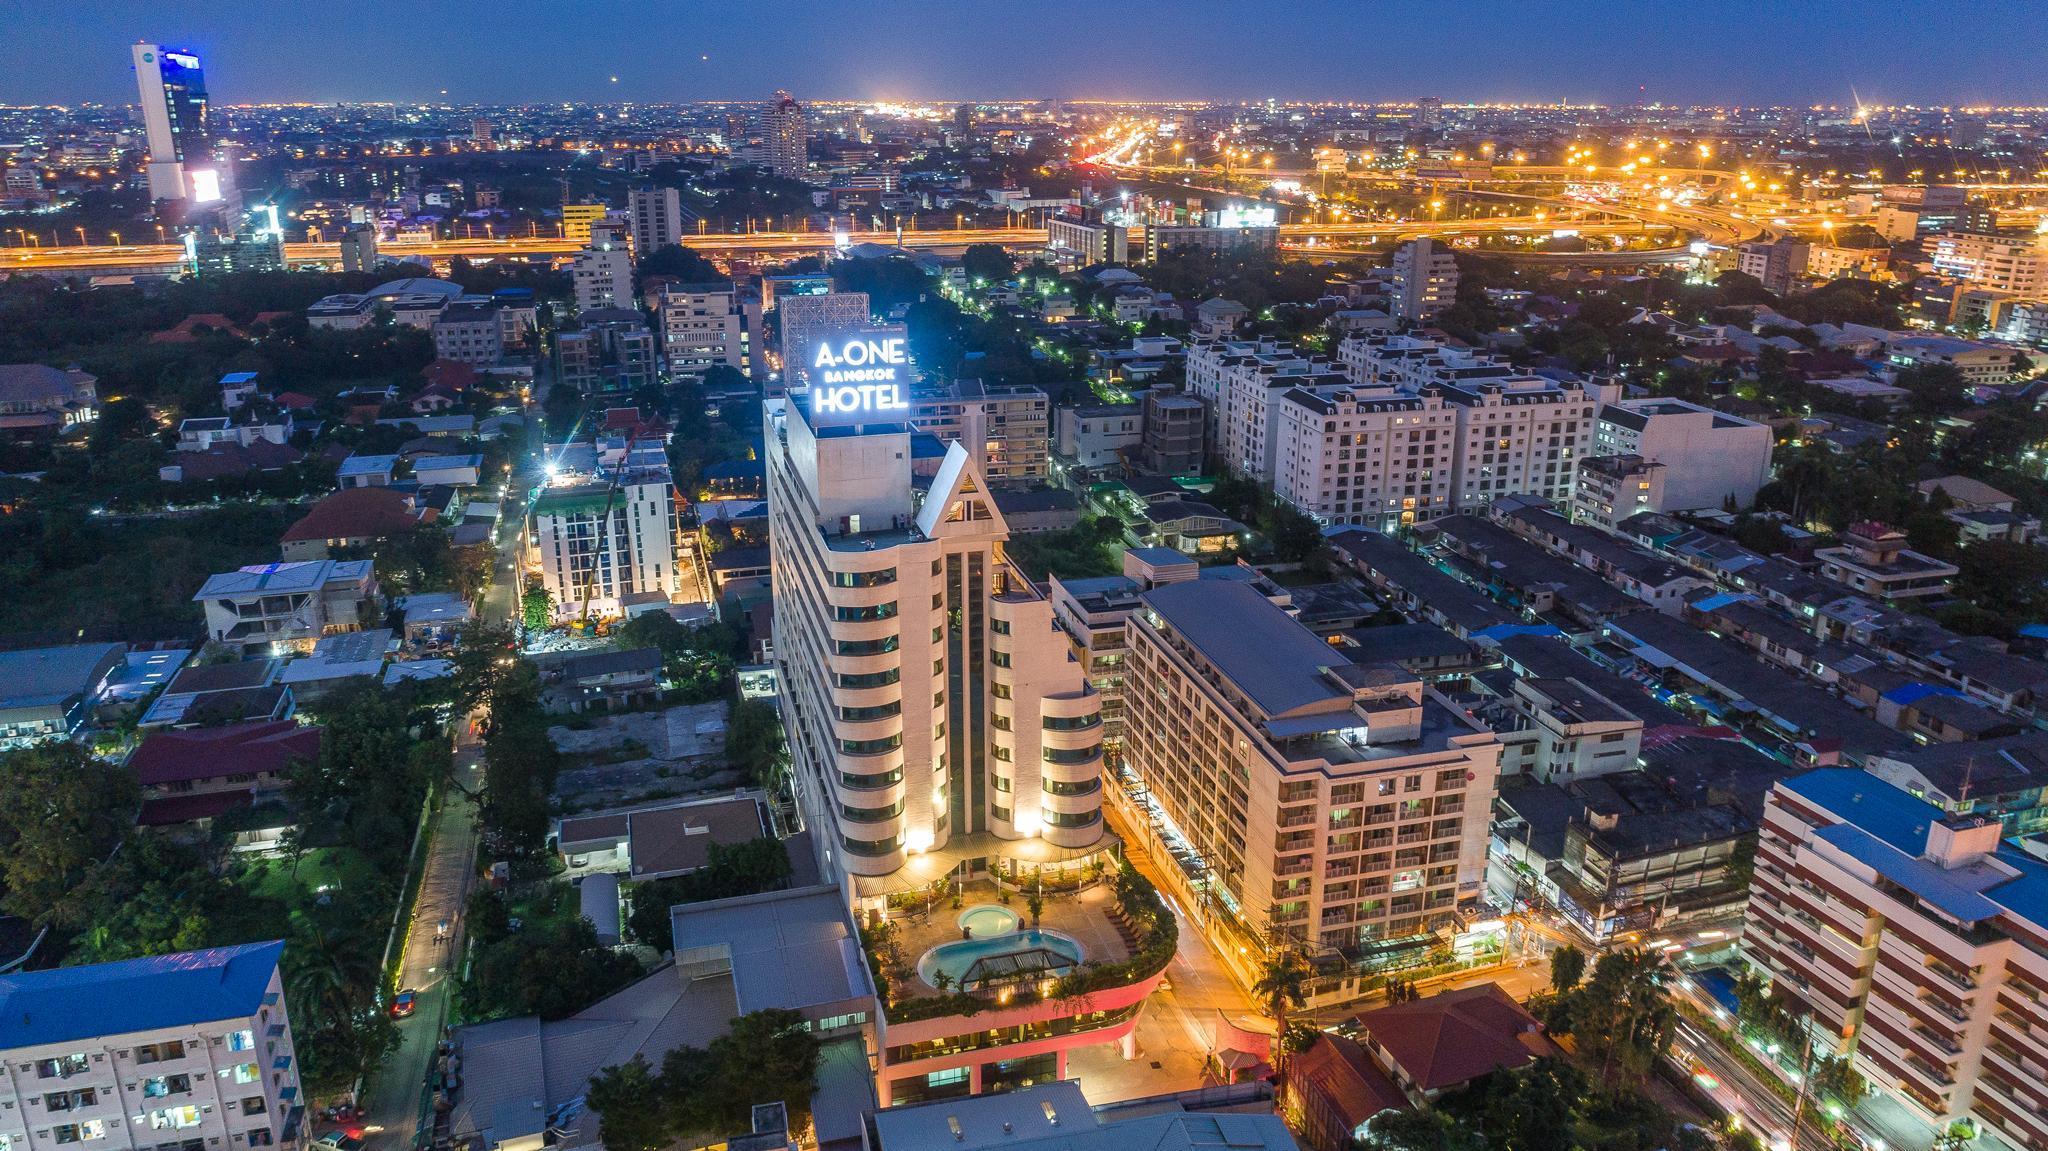 A-One Bangkok Hotel, Wattana